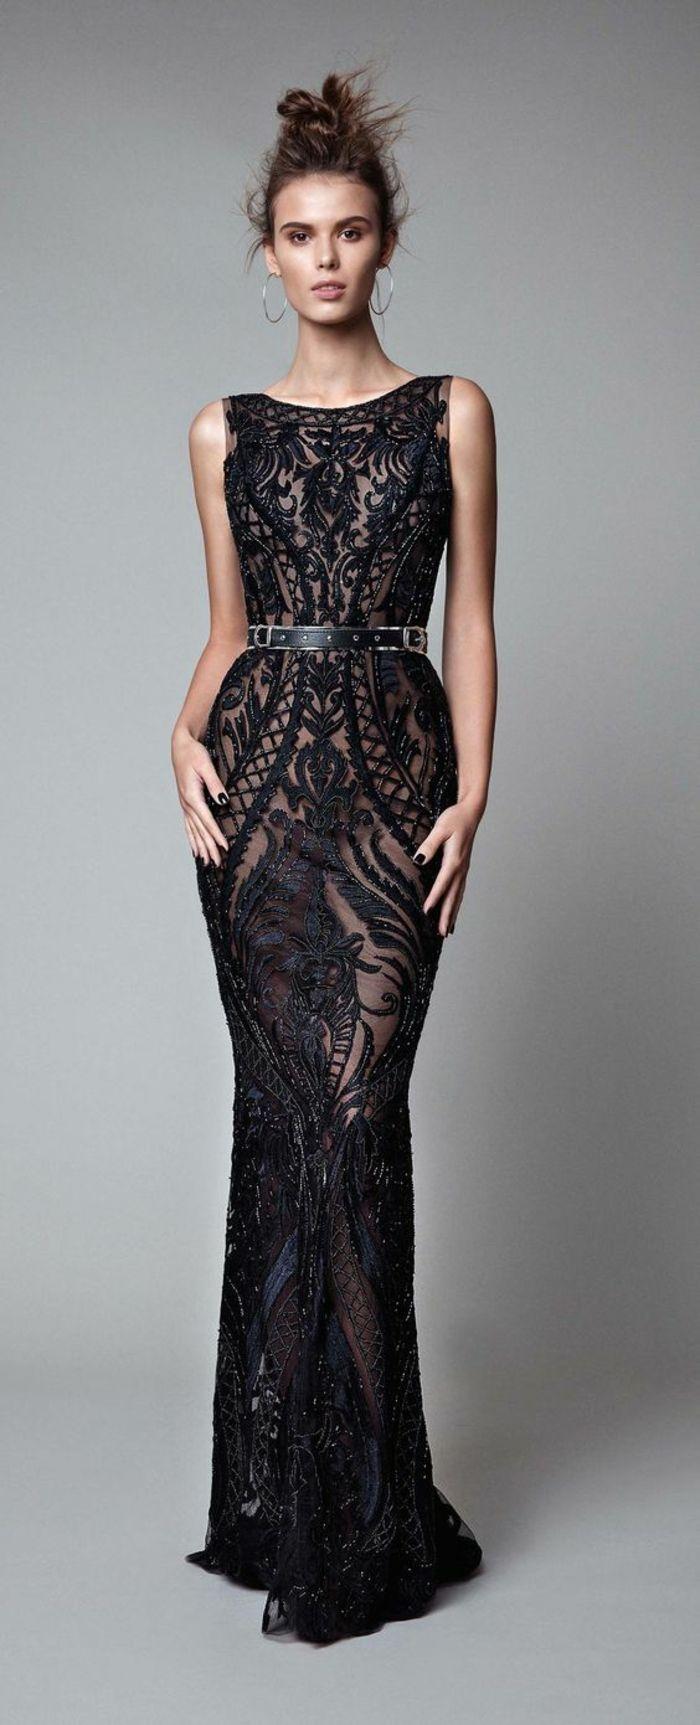 b8adf8d12477 robe ceremonie femme sans manches robe moulante et taille sublimée par une  fine ceinture noire